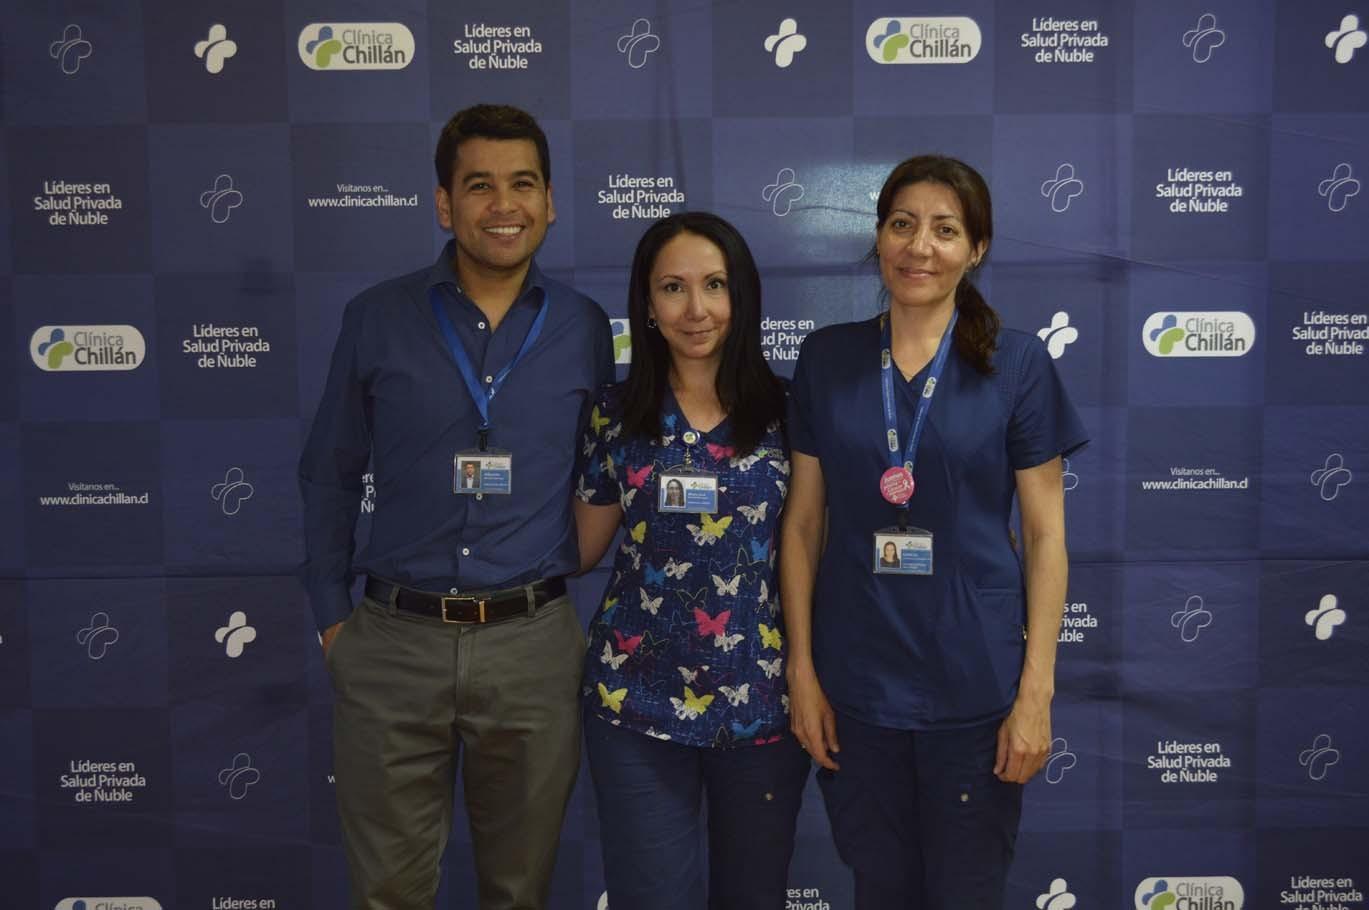 Alberto Núñez, María José Hernández y Leticia Carreaux